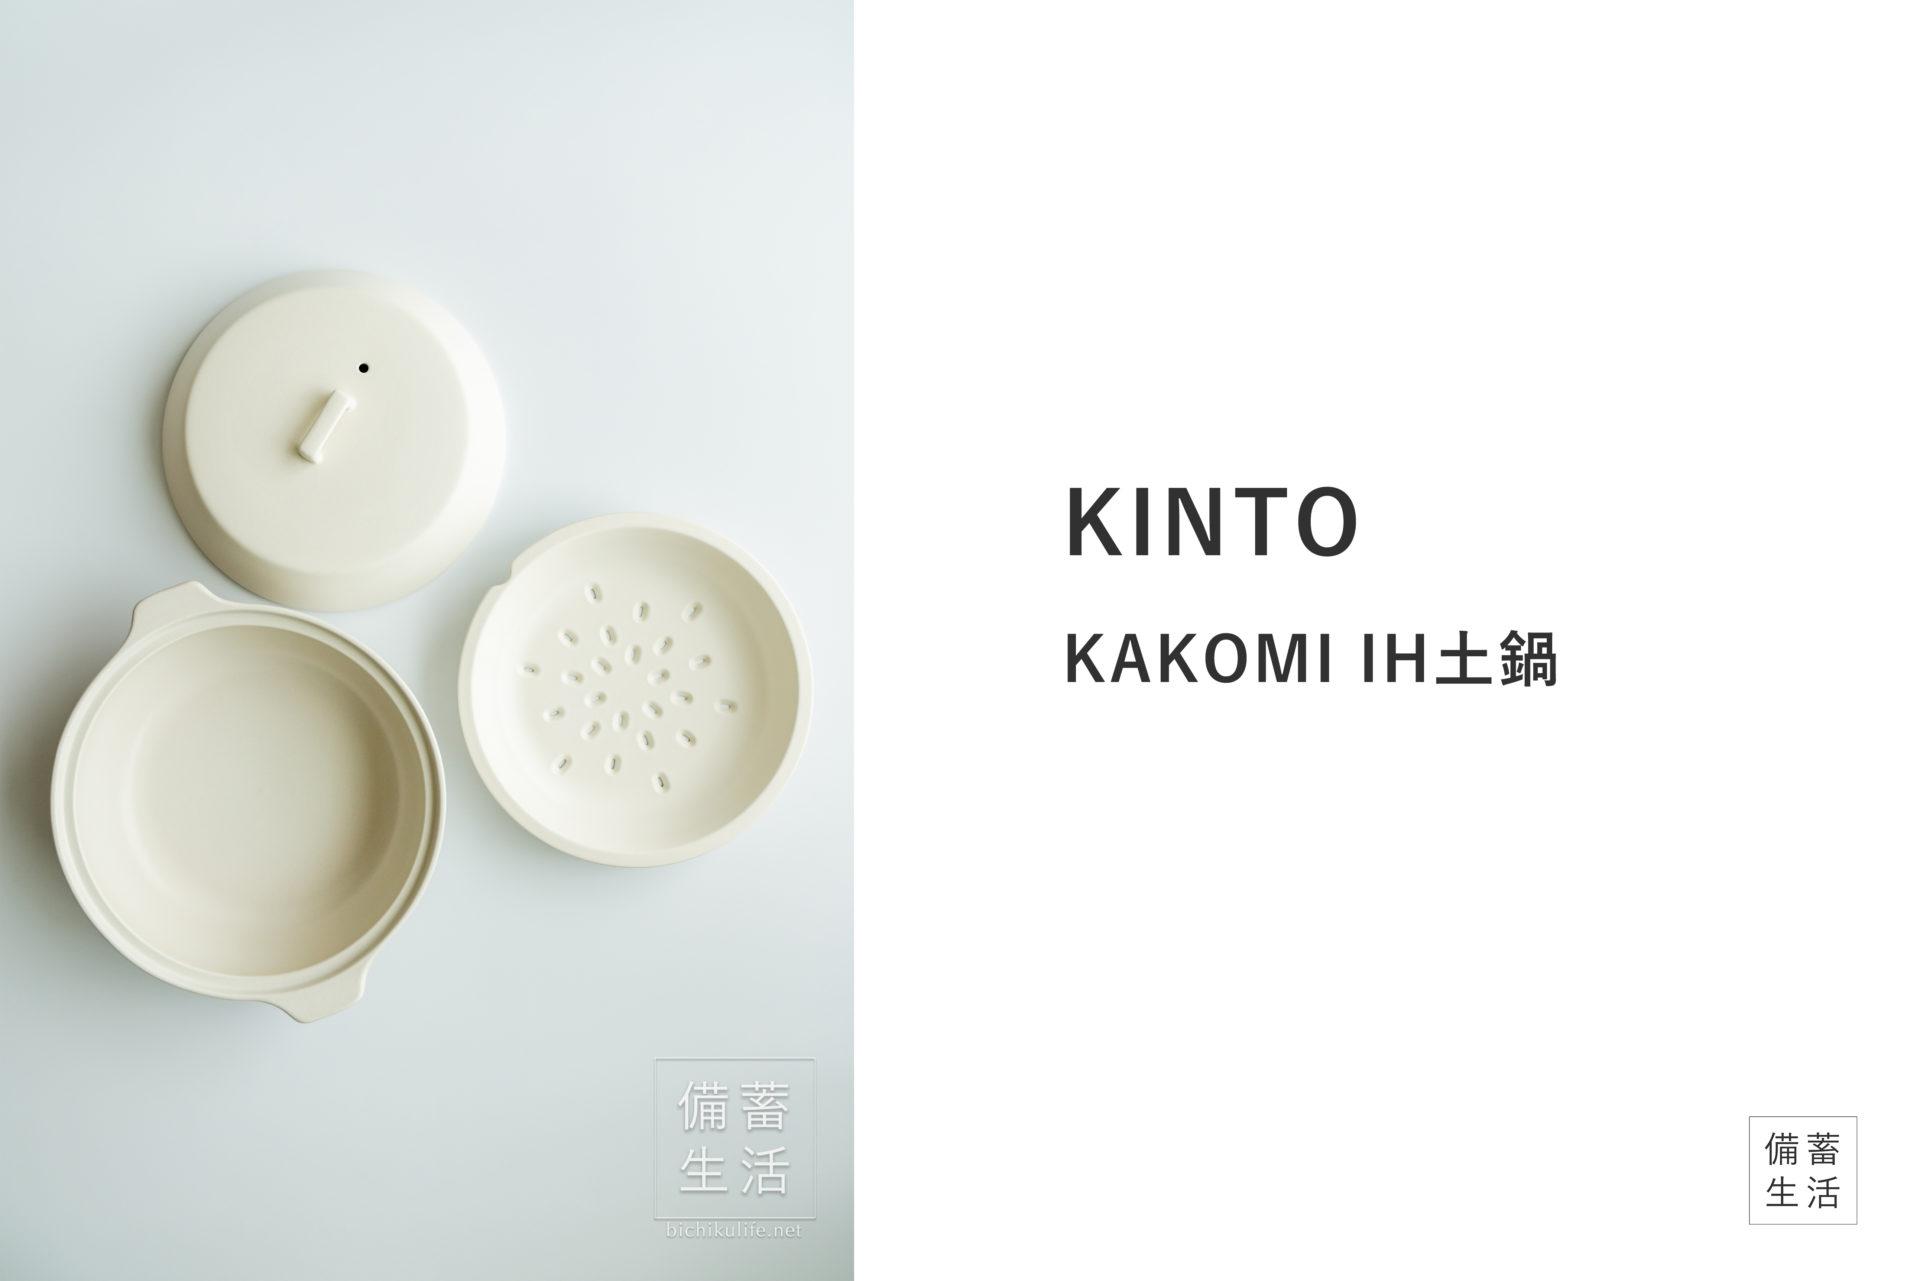 KINTO(キントー)KAKOMI かこみ IH土鍋 2.5L